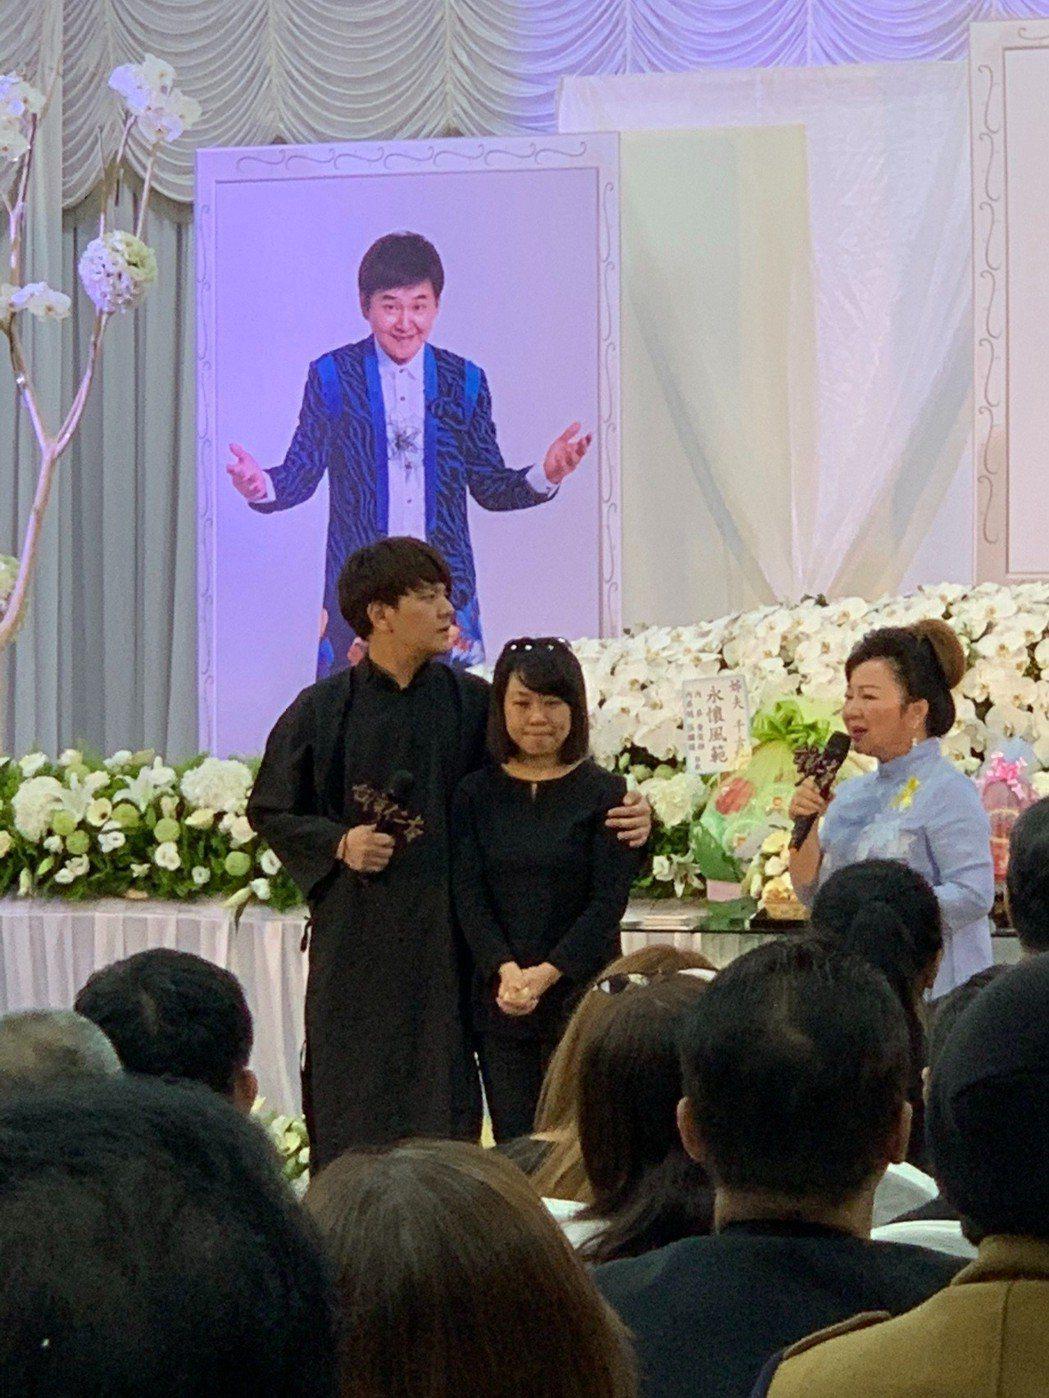 賀一航告別式,兒子曾治豪抱著賀遺孀Judy,留下感人畫面。記者陳慧貞/攝影